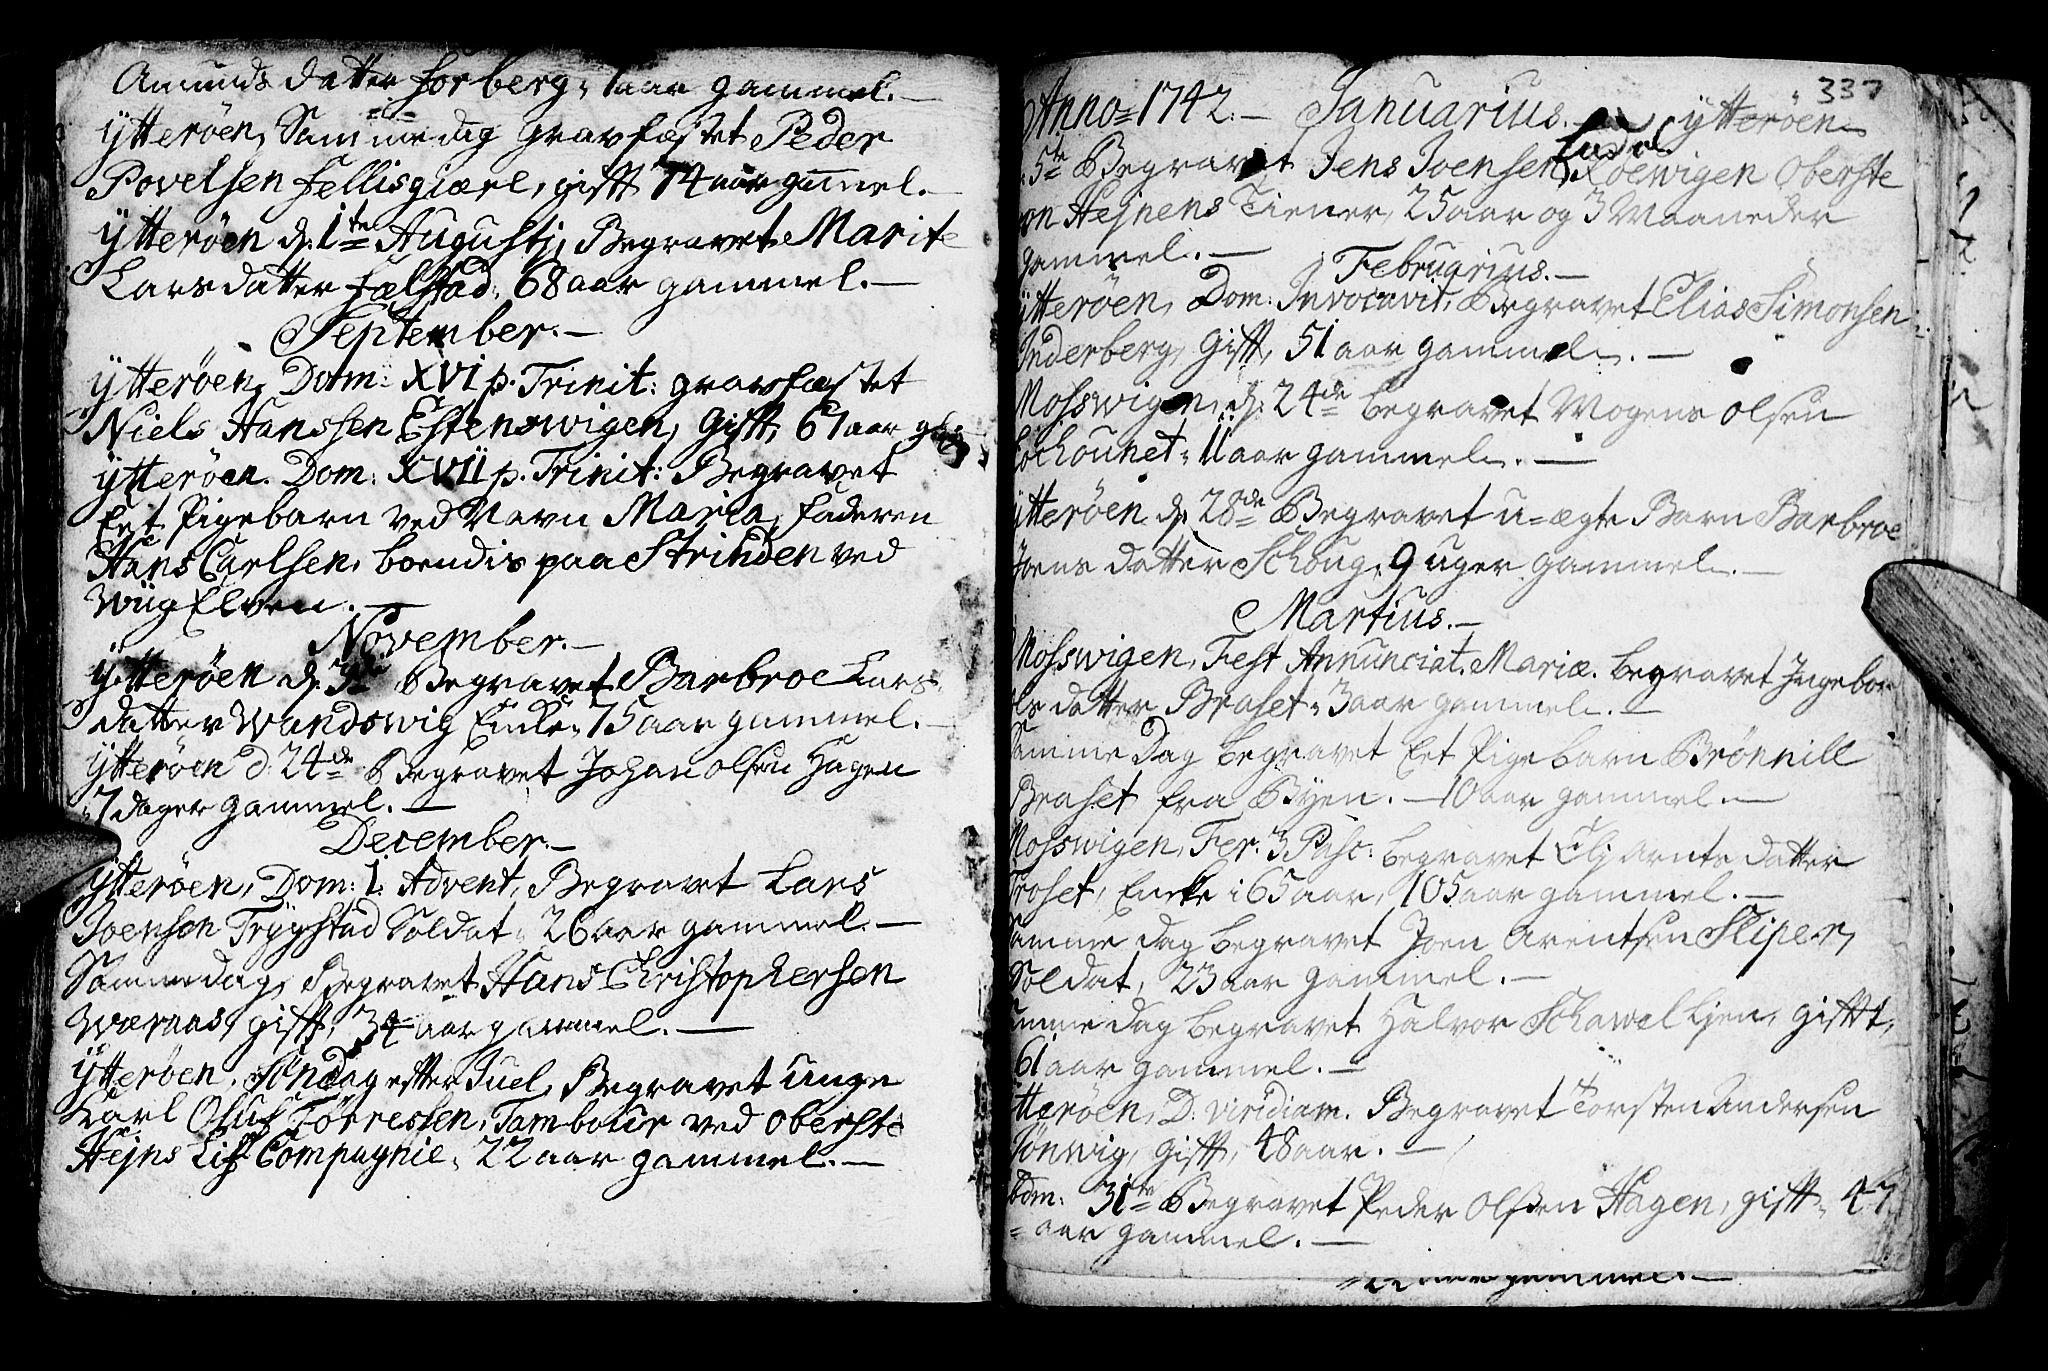 SAT, Ministerialprotokoller, klokkerbøker og fødselsregistre - Nord-Trøndelag, 722/L0215: Ministerialbok nr. 722A02, 1718-1755, s. 337